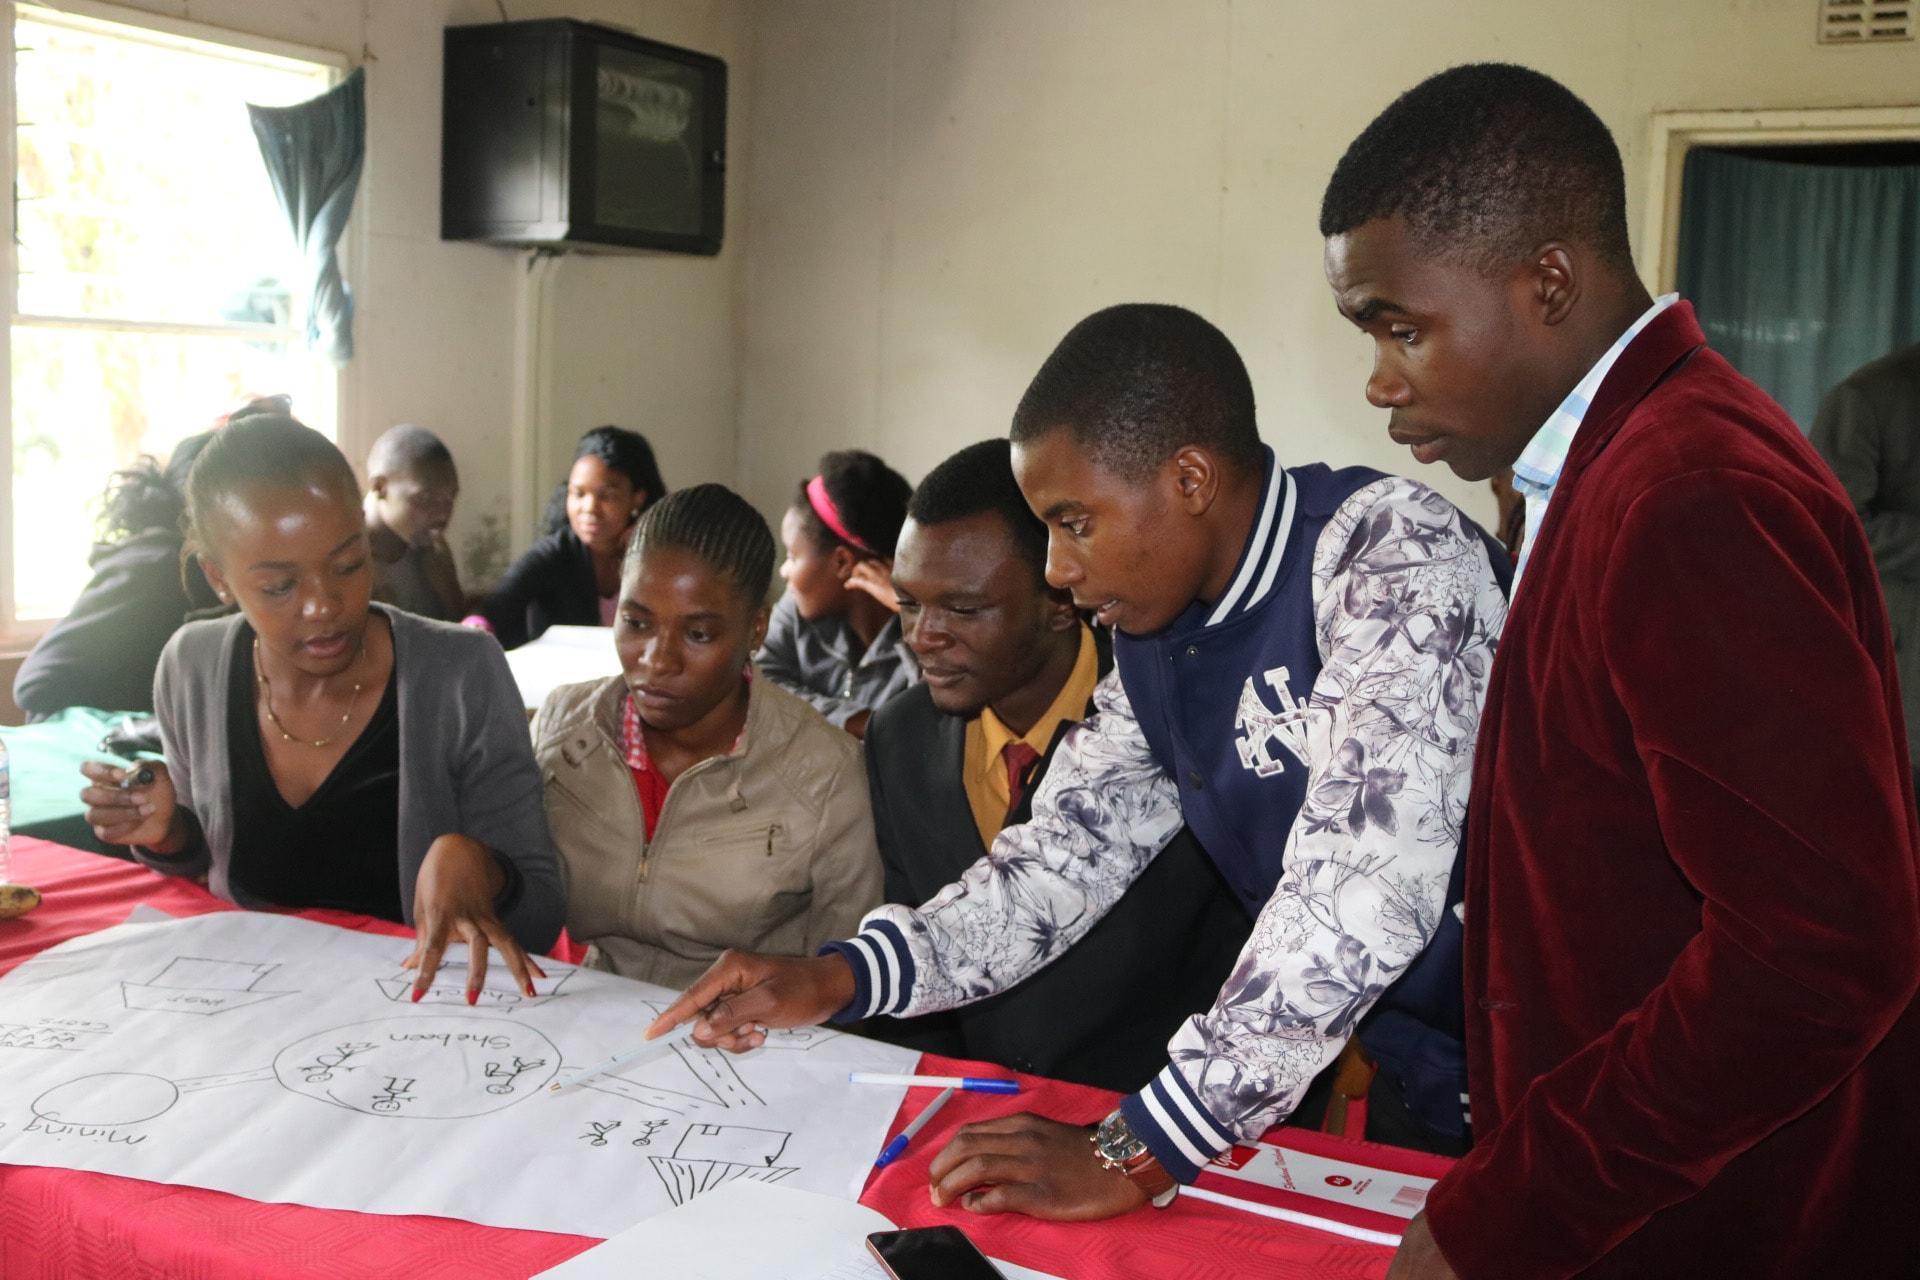 Des jeunes de la Conférence annuelle de l'Est du Zimbabwe participent, à des activités de travail en équipes dans le cadre de leur formation en vue de promouvoir des communautés sans drogue. Photo de Eveline Chikwanah, UM News.